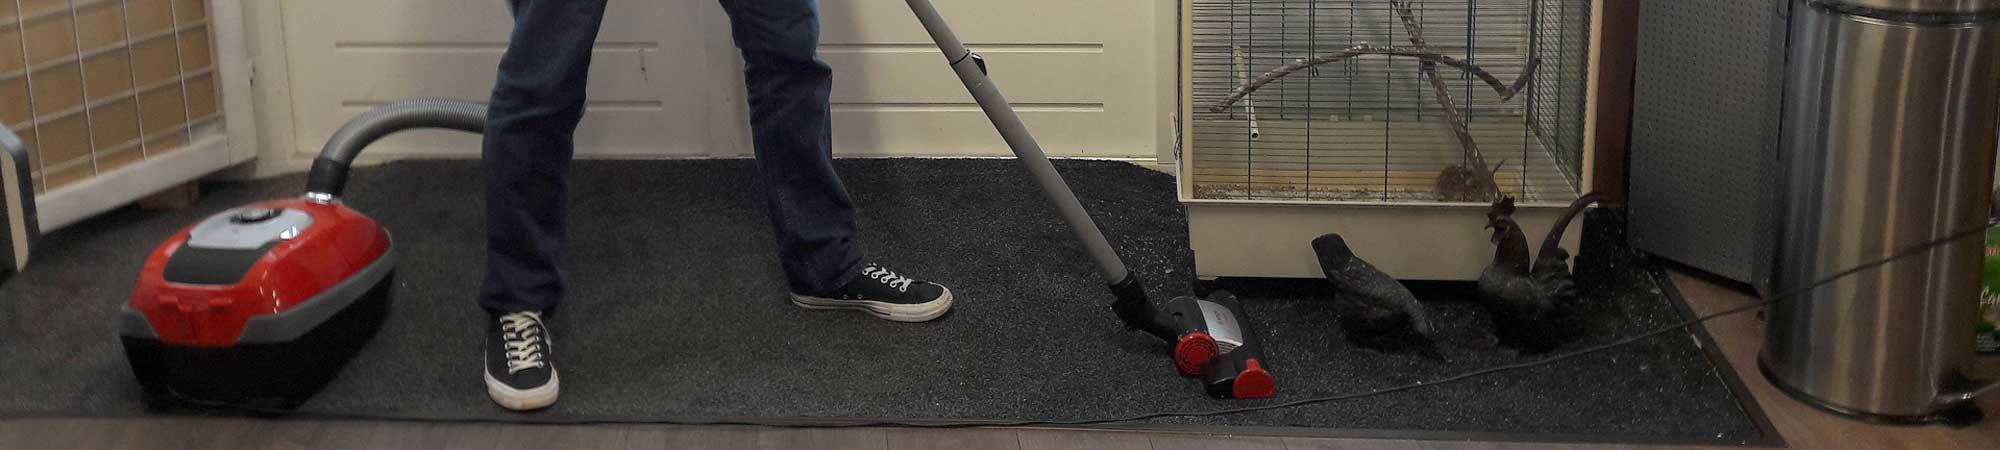 Huishoudelijke hulp Thuis met zorg Zaanstreek